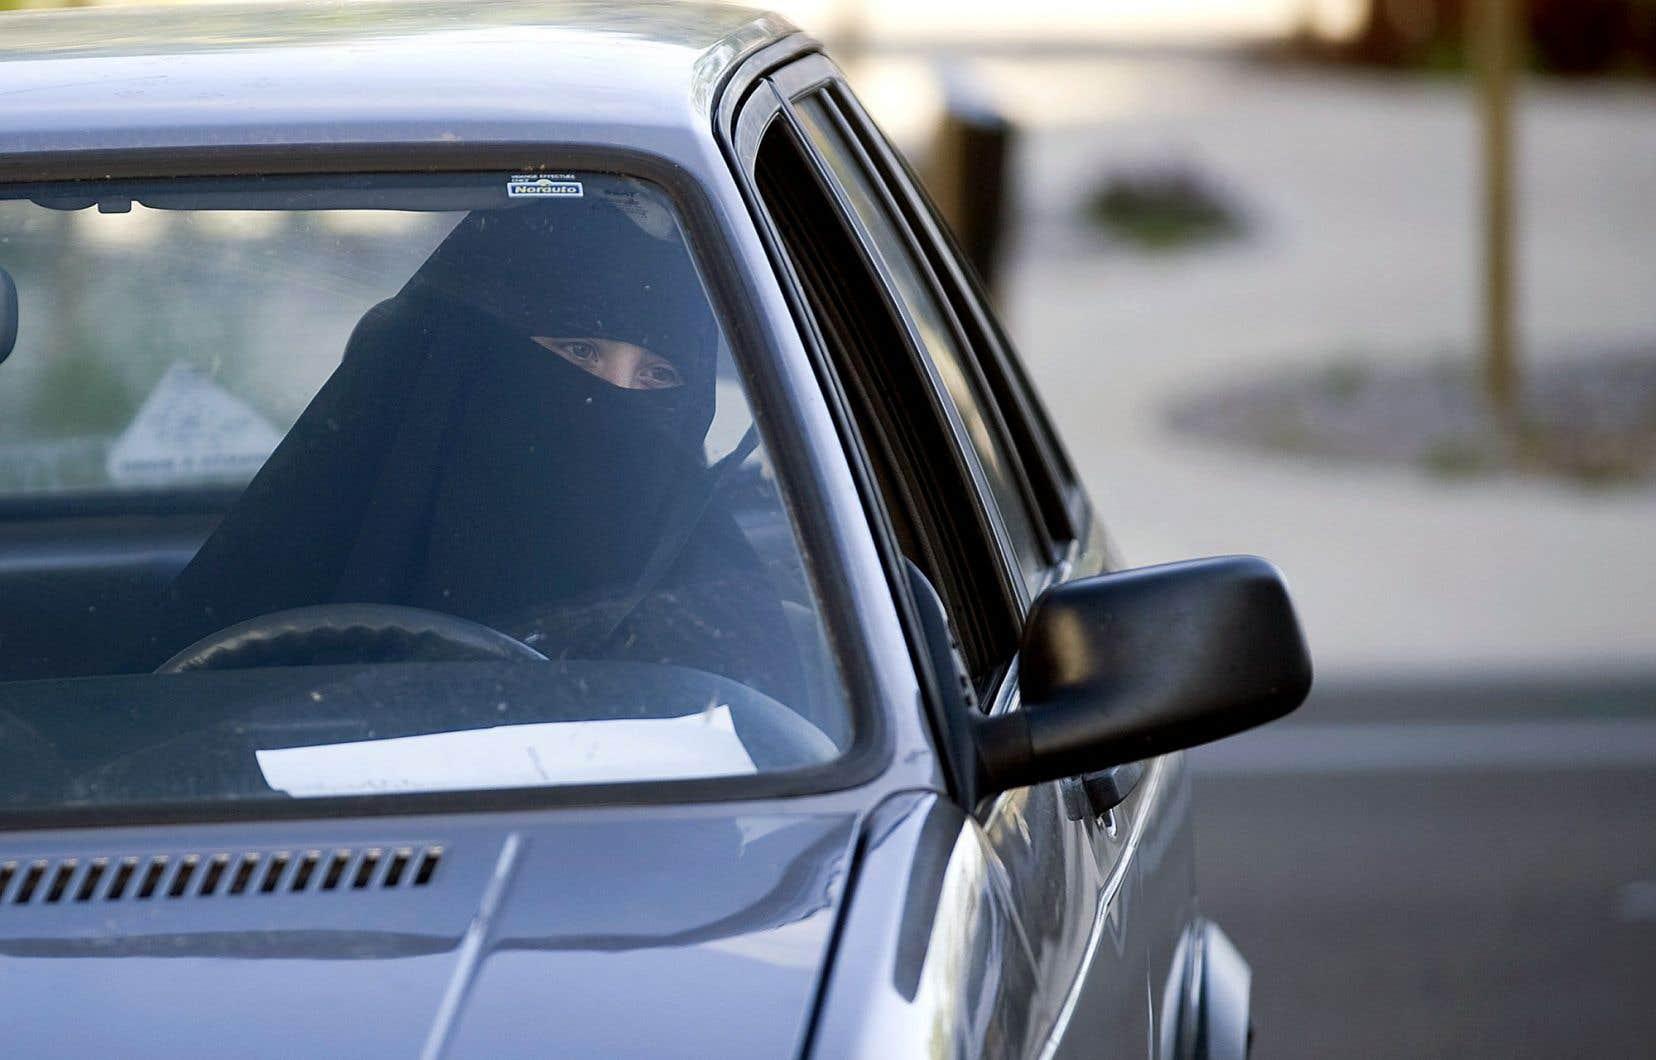 «Le Journal de Québec» a révélé que des musulmanes avaient pu passer l'examen de conduite de la Société d'assurance automobile du Québec (SAAQ) vêtues d'une burqa ou d'un niqab.